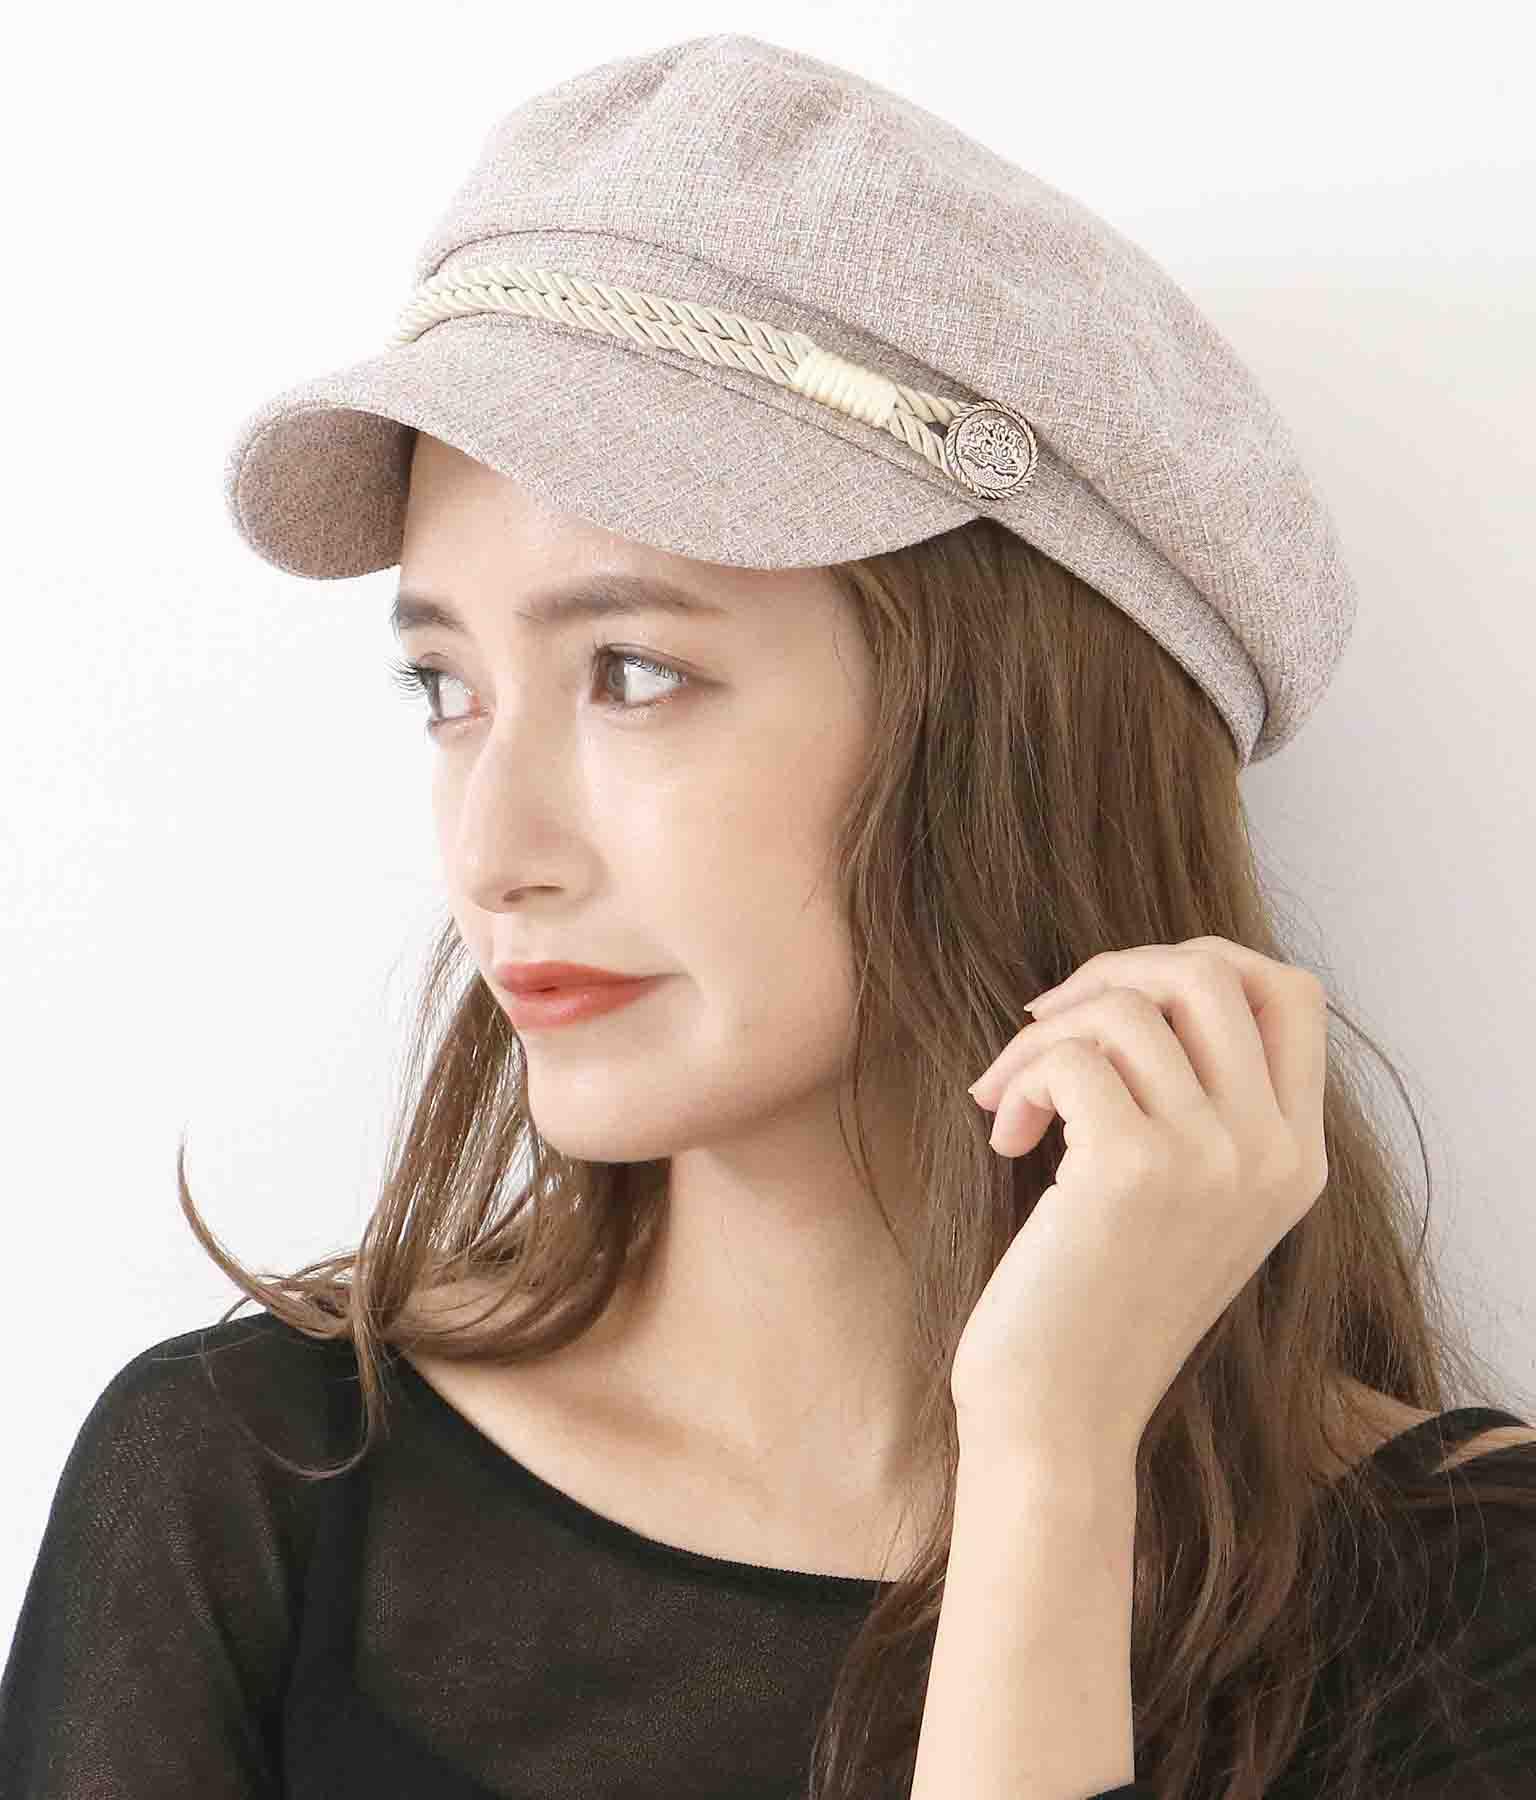 ミックスツイードマリンキャスケット(ファッション雑貨/ハット・キャップ・ニット帽 ・キャスケット・ベレー帽)   CHILLE